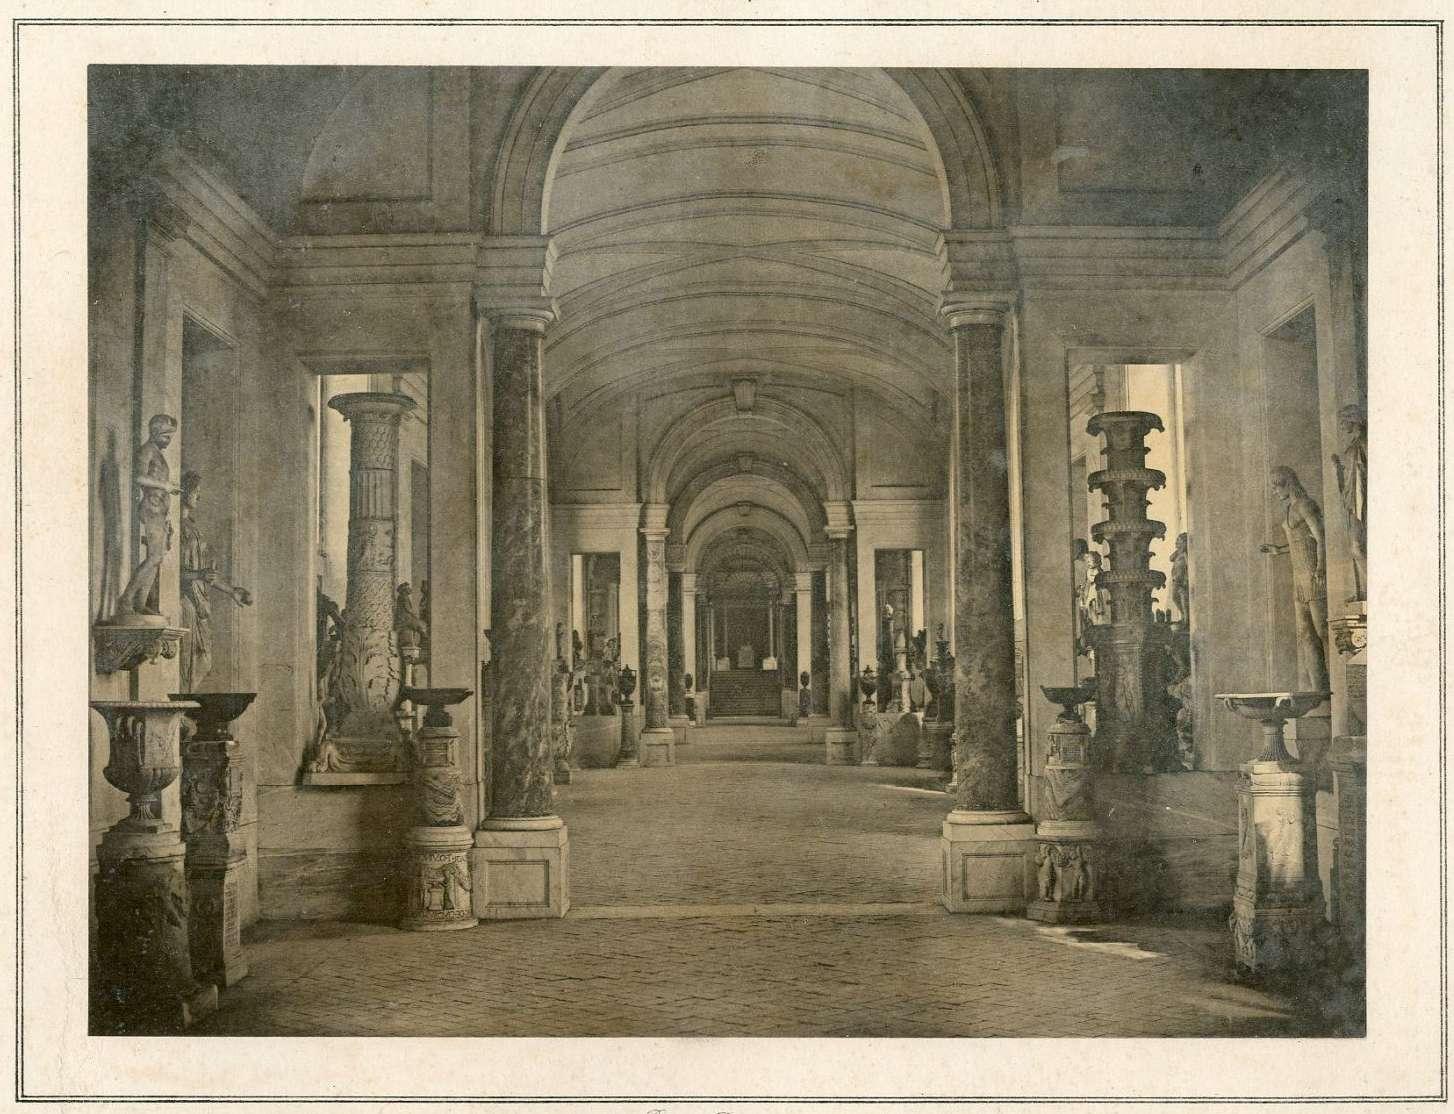 Roma, Musei Vaticani, La  Galleria dei Candelabri in una stampa d'epoca